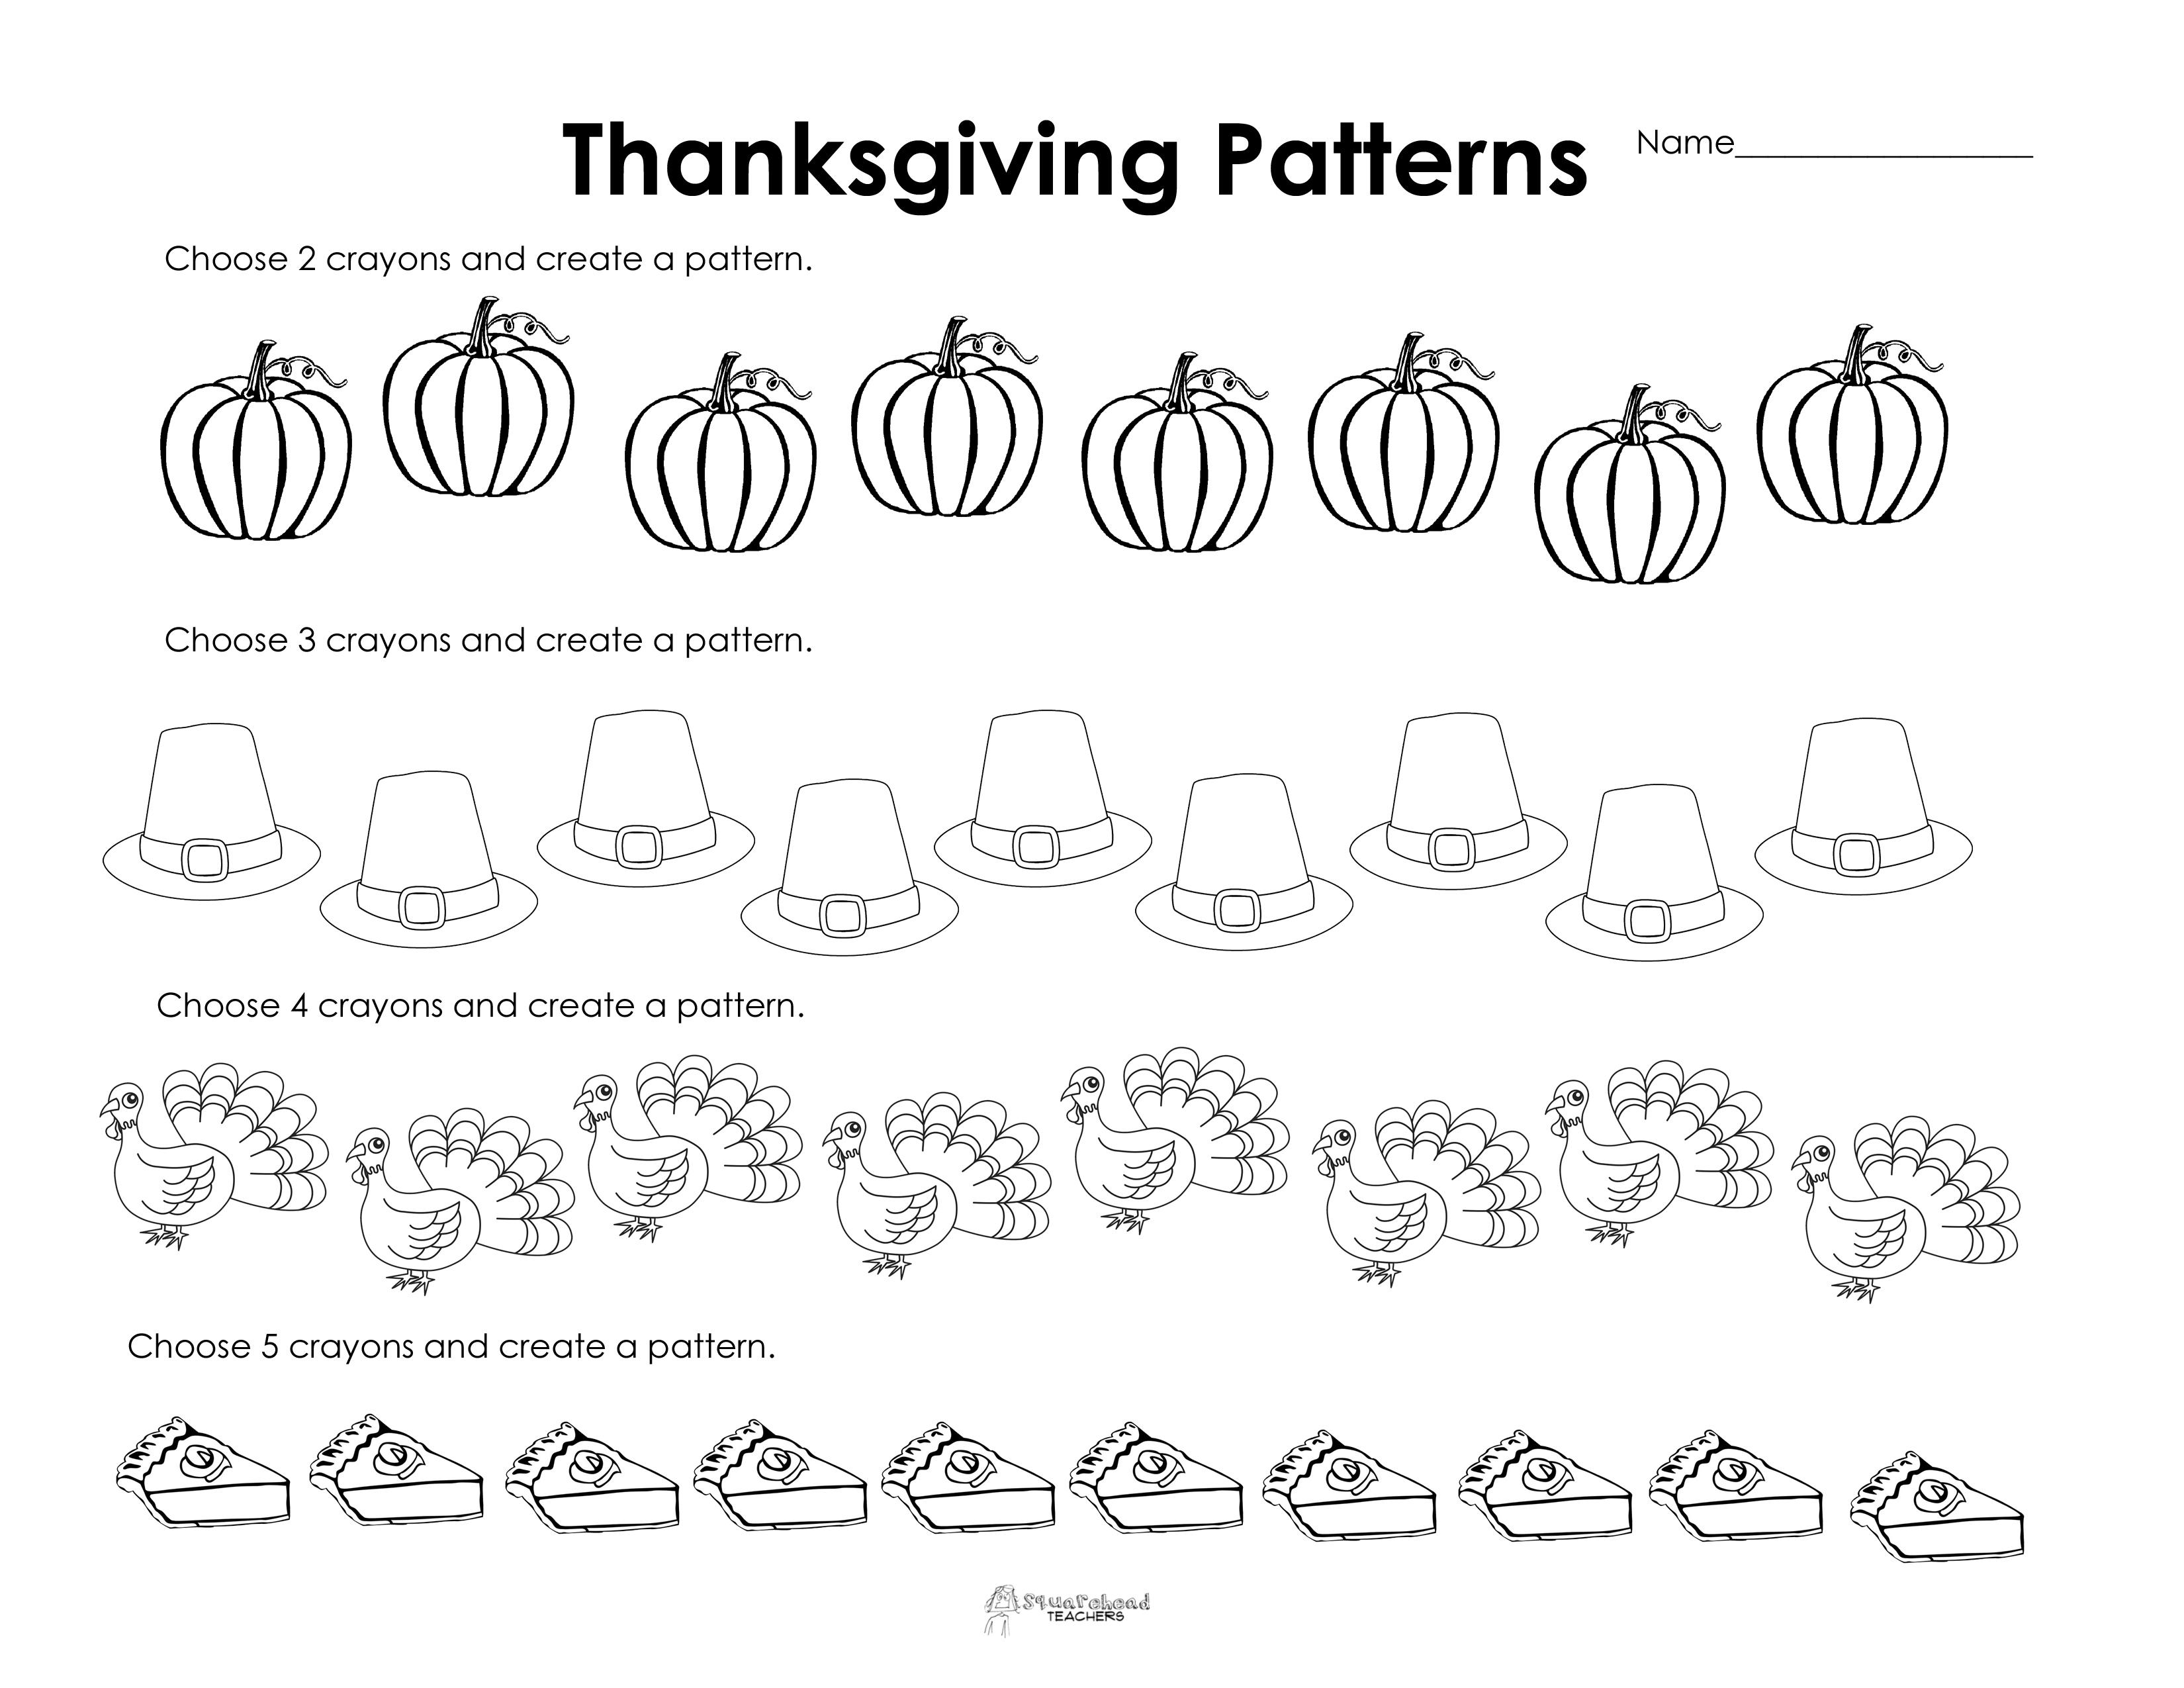 Making Patterns: Thanksgiving Style (Free Worksheet!) | Squarehead | Free Printable Thanksgiving Worksheets